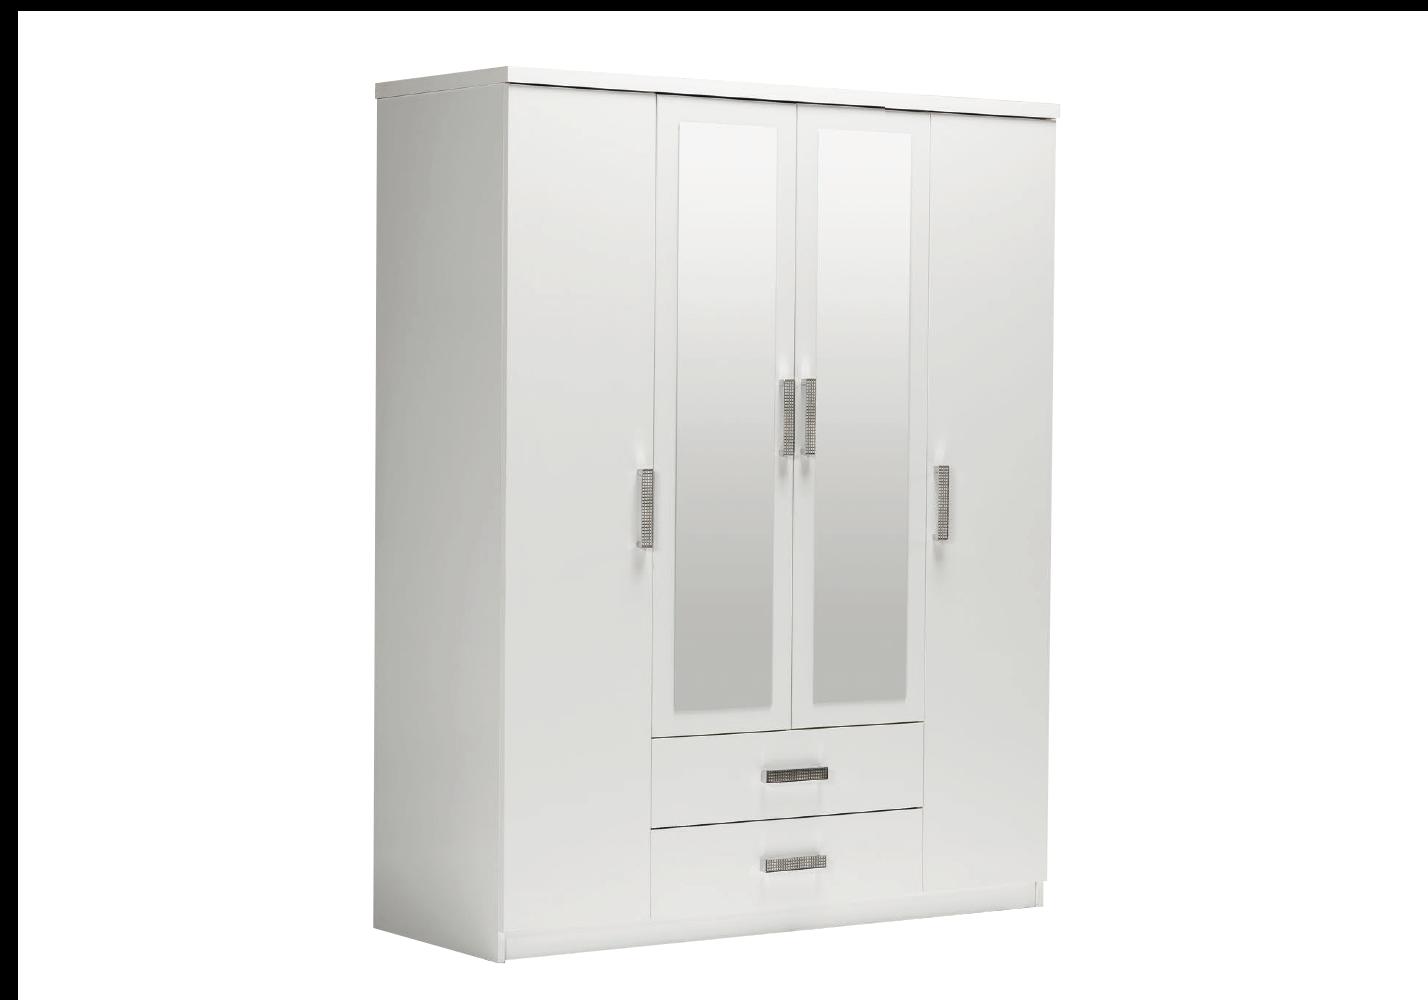 Armoire 4 portes 2 tiroirs miroirs blanc PALMA